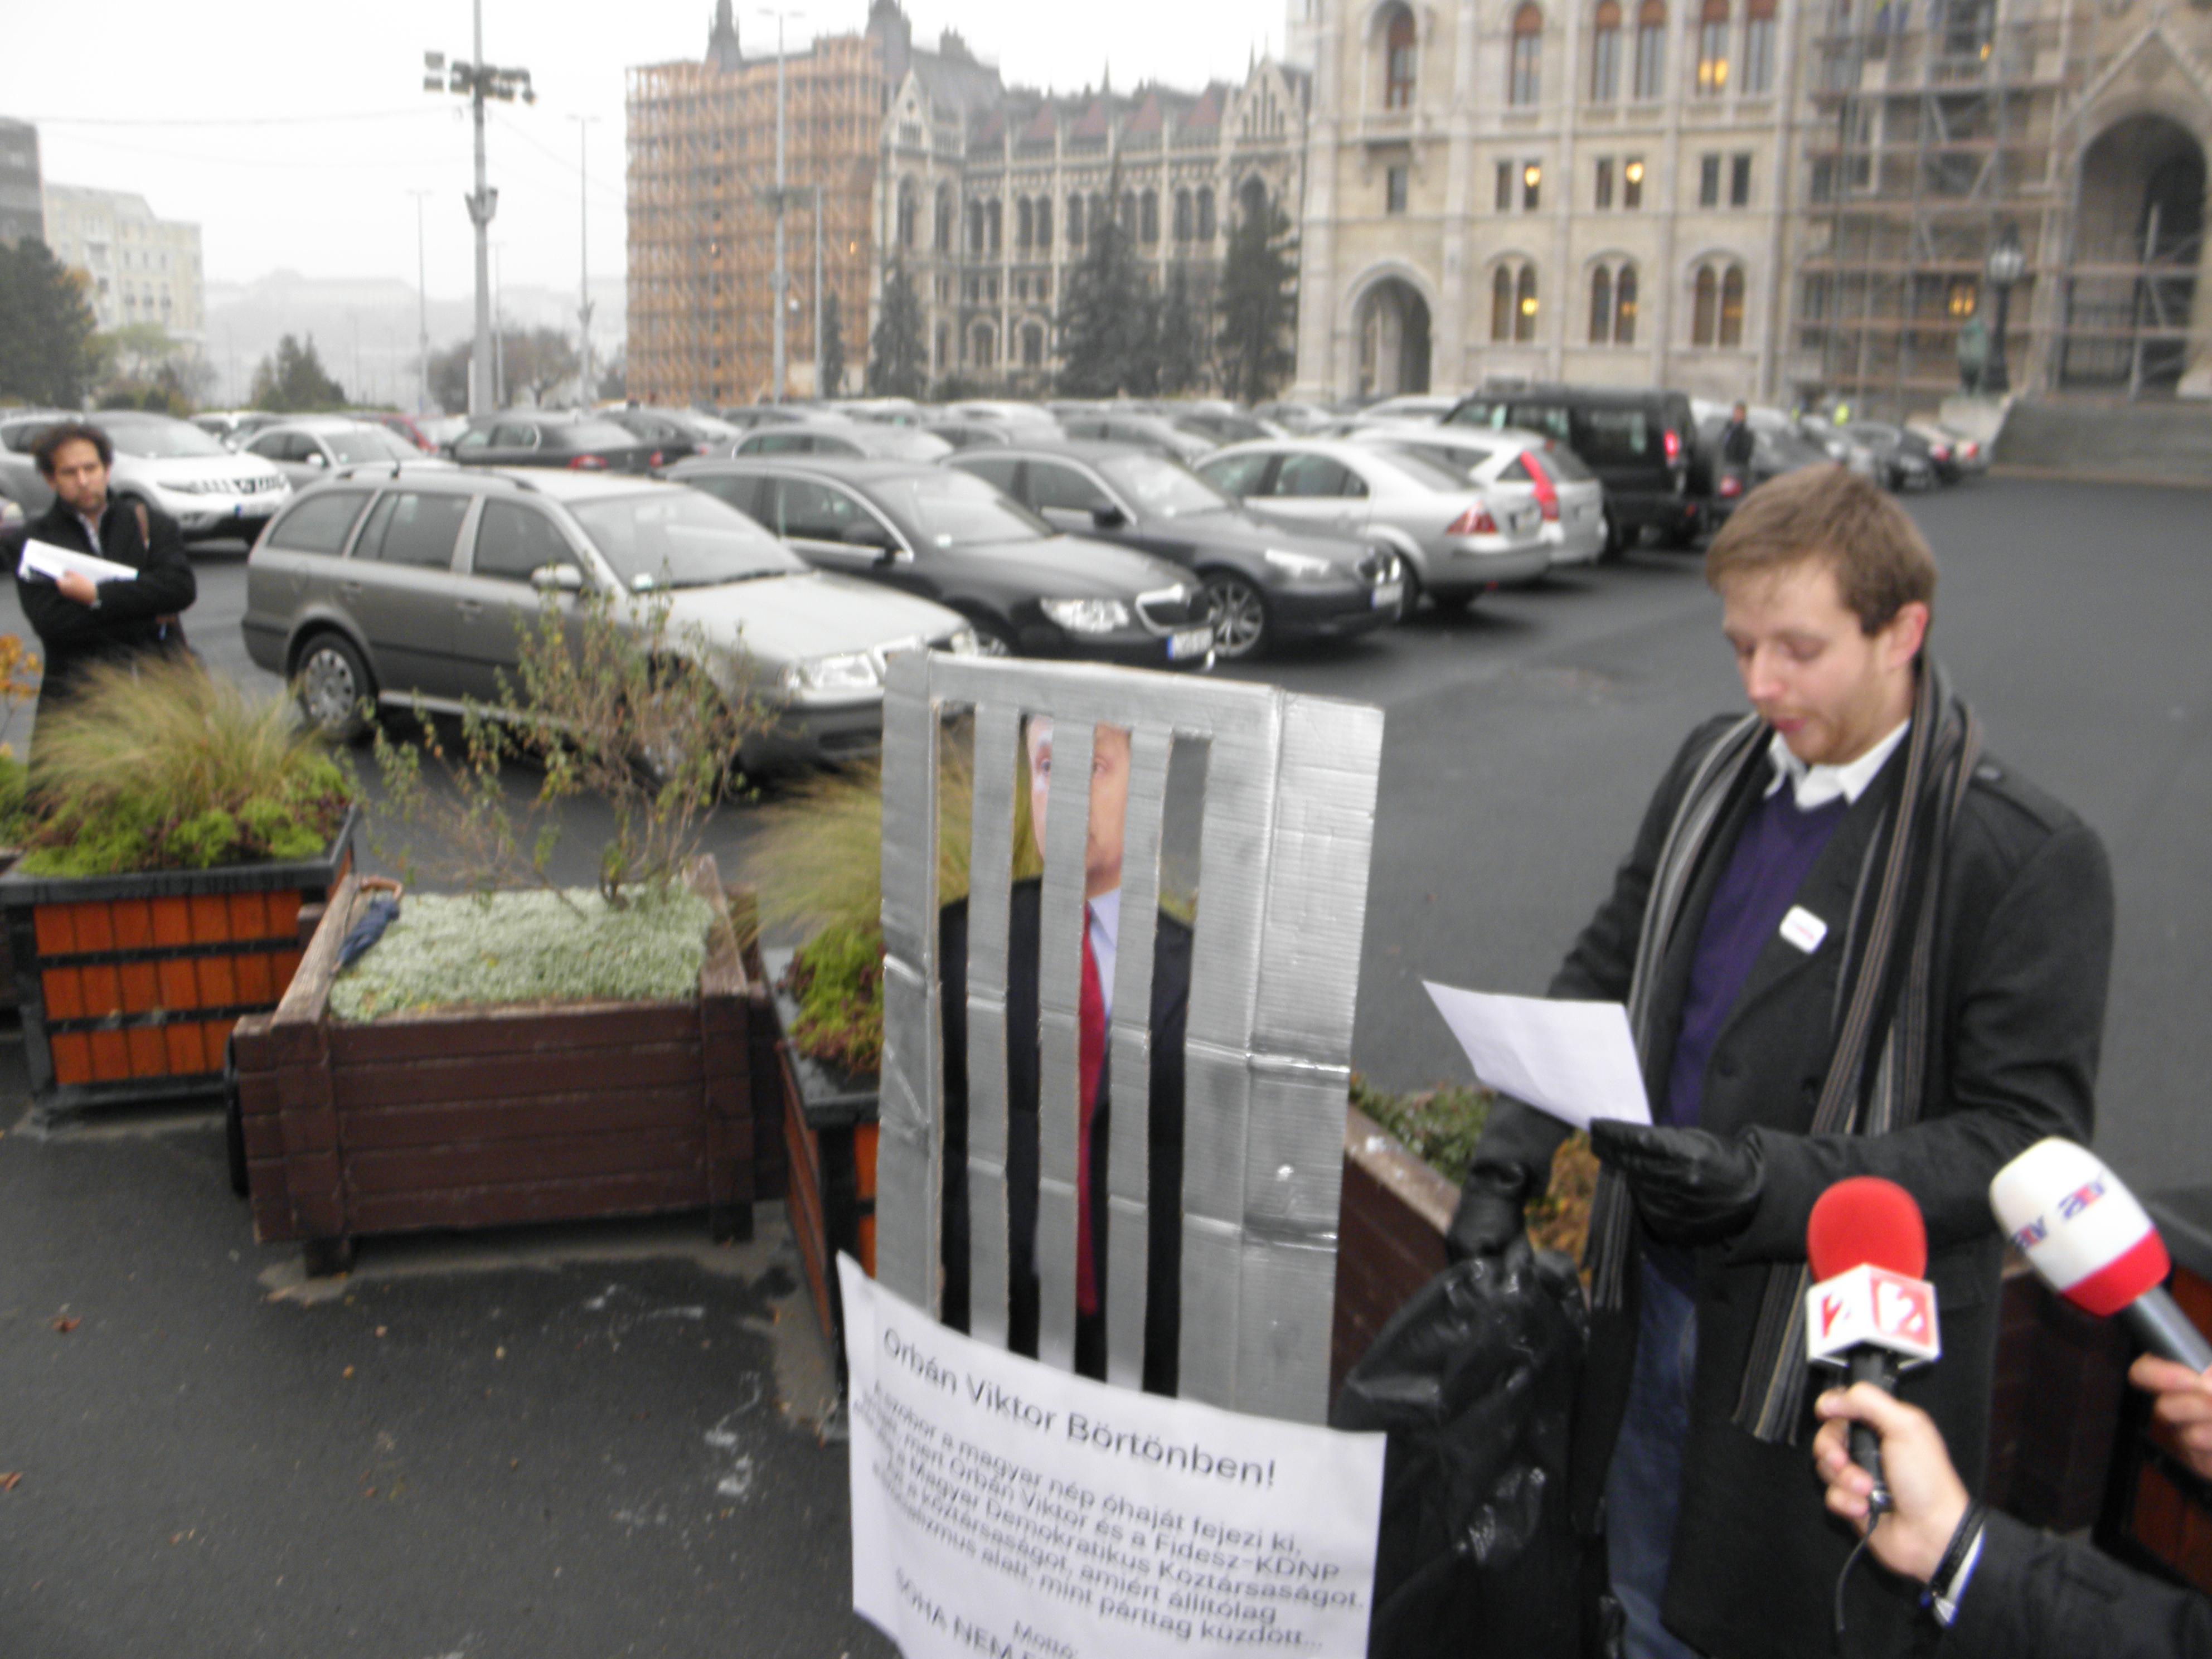 Szobor Orbán Viktornak - Tanos Áron beszéde